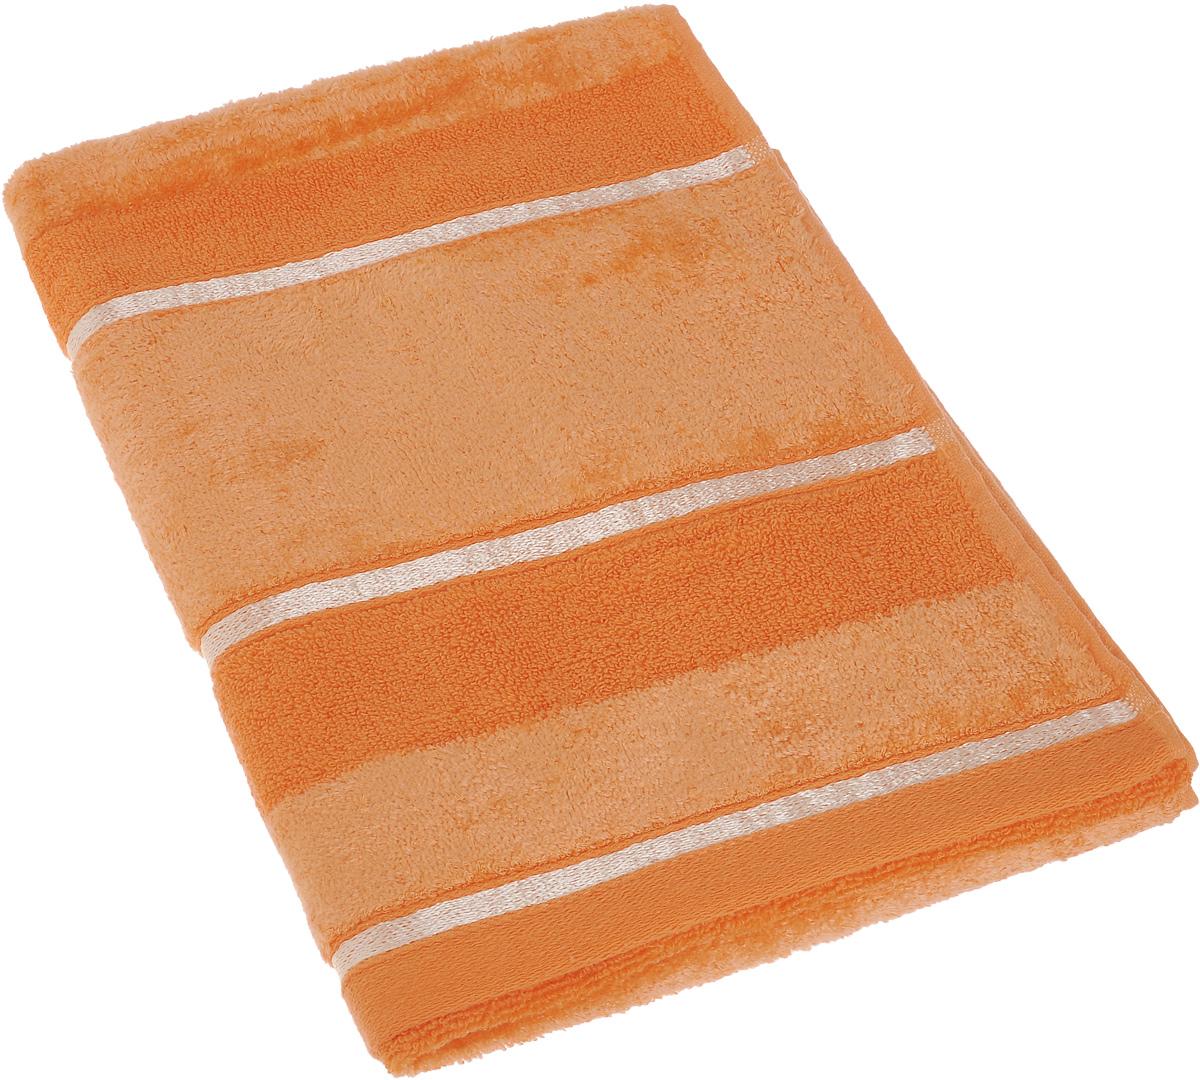 Полотенце Soavita Louise, цвет: оранжевый, 50 х 90 см64033Полотенце Soavita Louise выполнено из 100% хлопка. Вседетали качественно прошиты, ткань очень плотная, не линяет идержится много лет. Изделие отлично впитывает влагу, быстросохнет, сохраняет яркость цвета и не теряет форму даже послемногократных стирок.Полотенце очень практично и неприхотливо в уходе. Оносоздаст прекрасное настроение и украсит интерьер в ваннойкомнате.